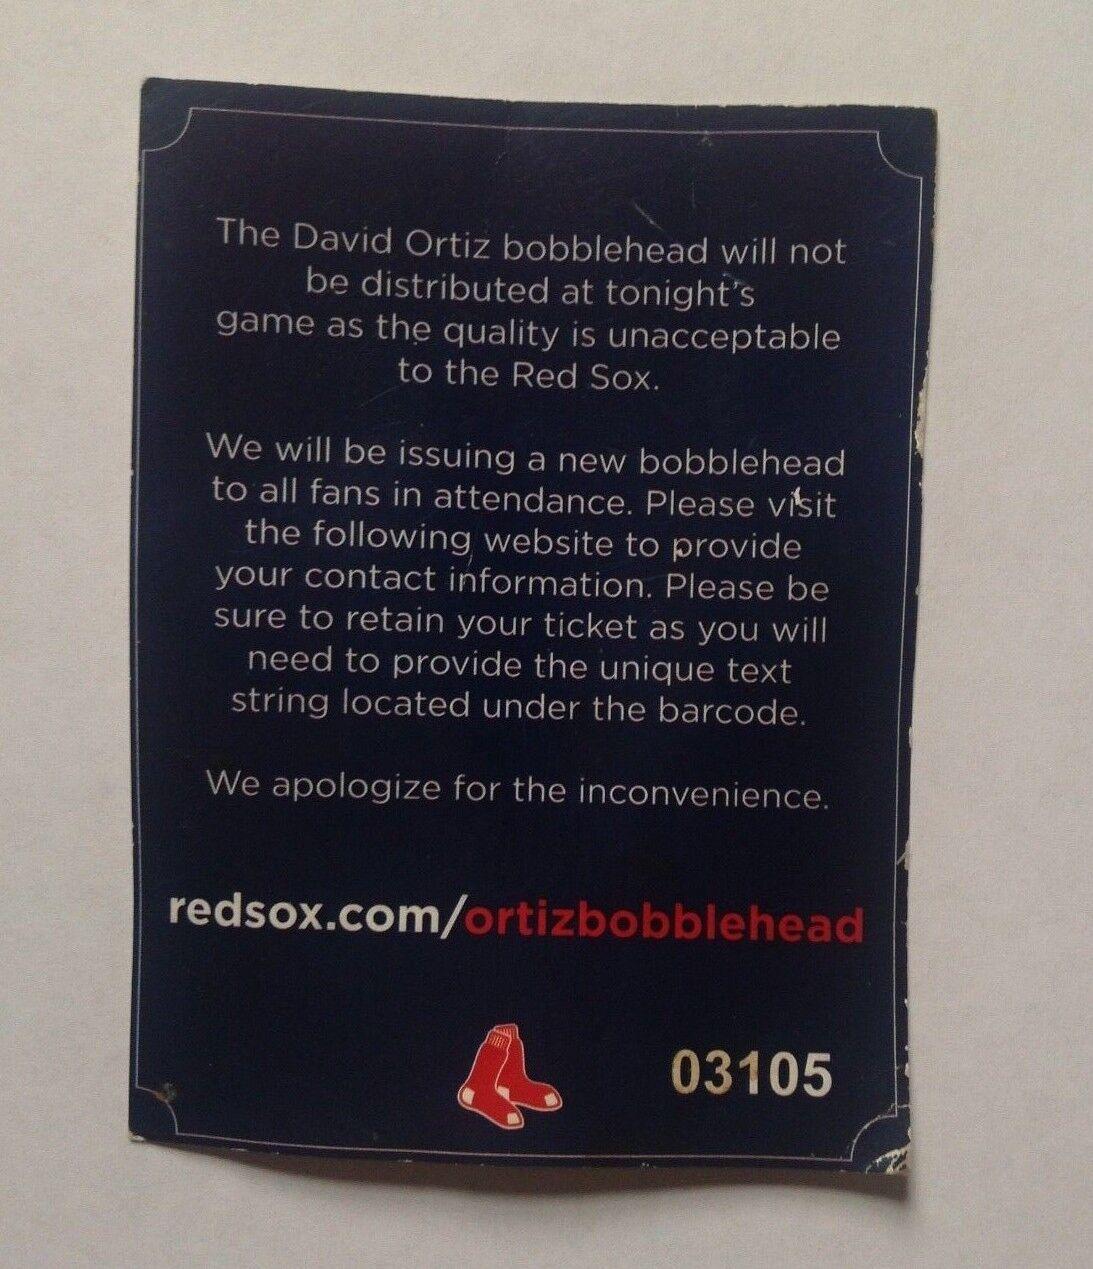 Boston Red Sox David Ortiz Bobblehead Voucher Voucher Voucher 8/9/16 para Sga Mota Grande Papi 3834c7